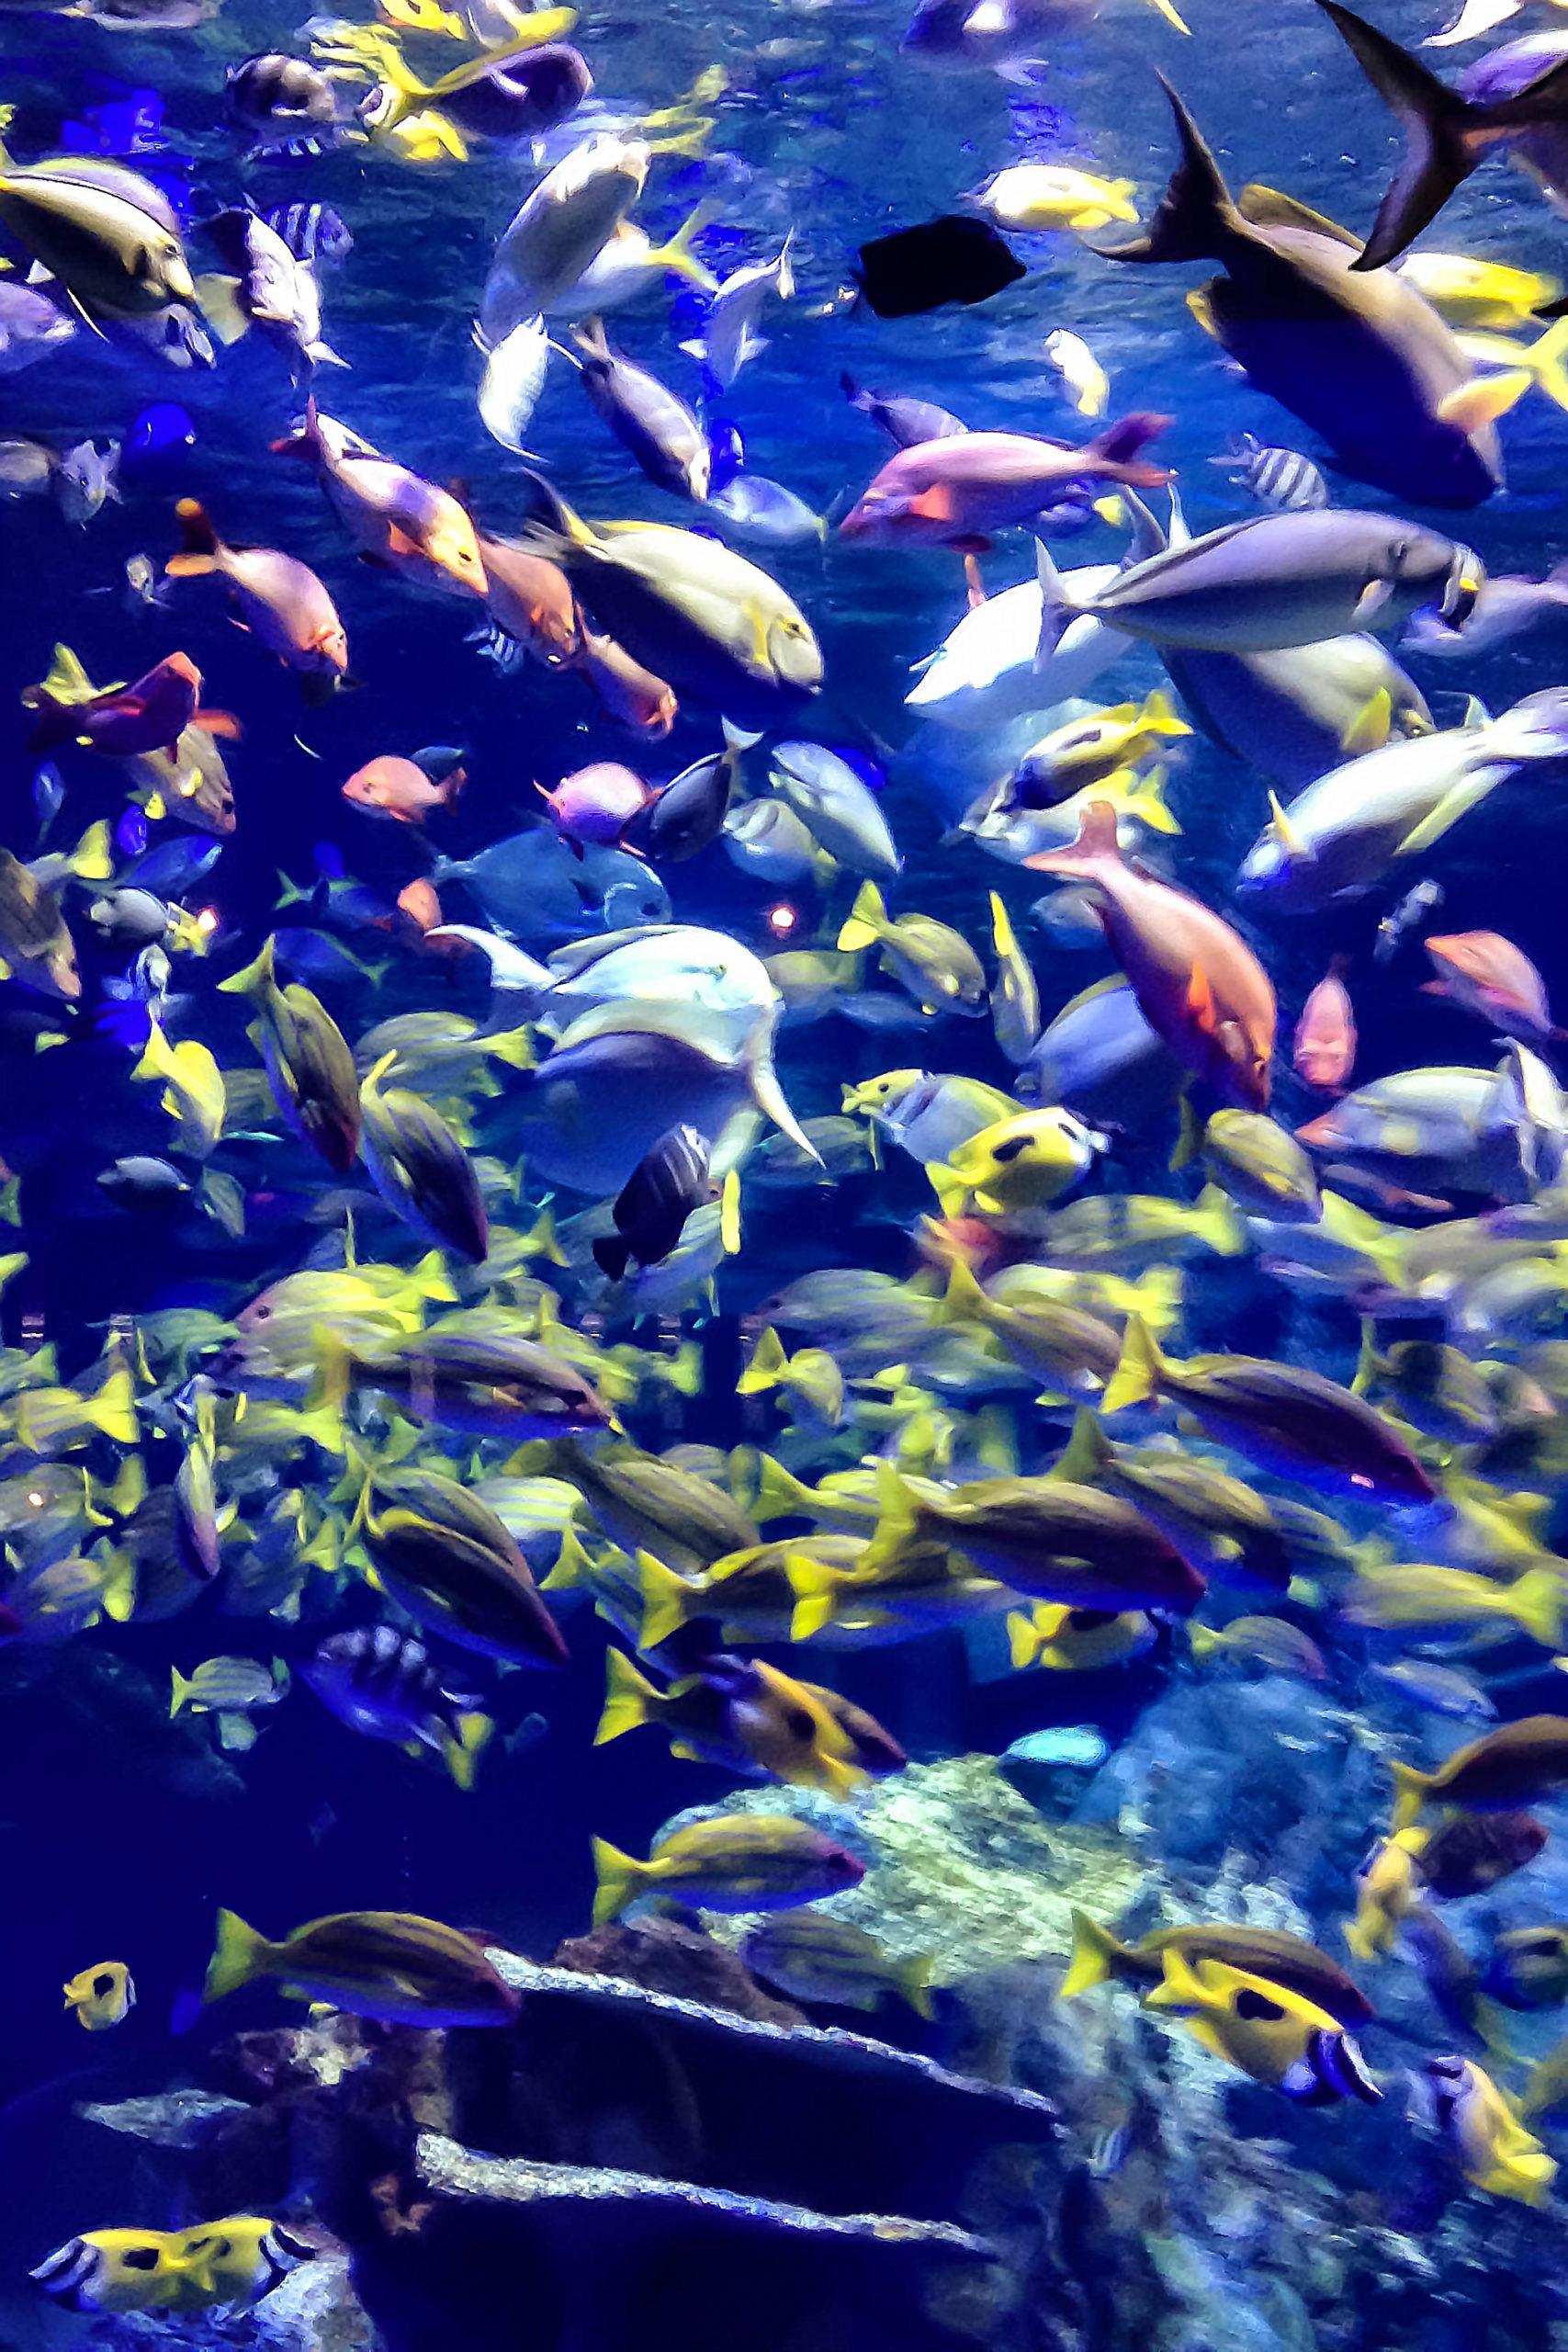 熱帯魚の大群の写真